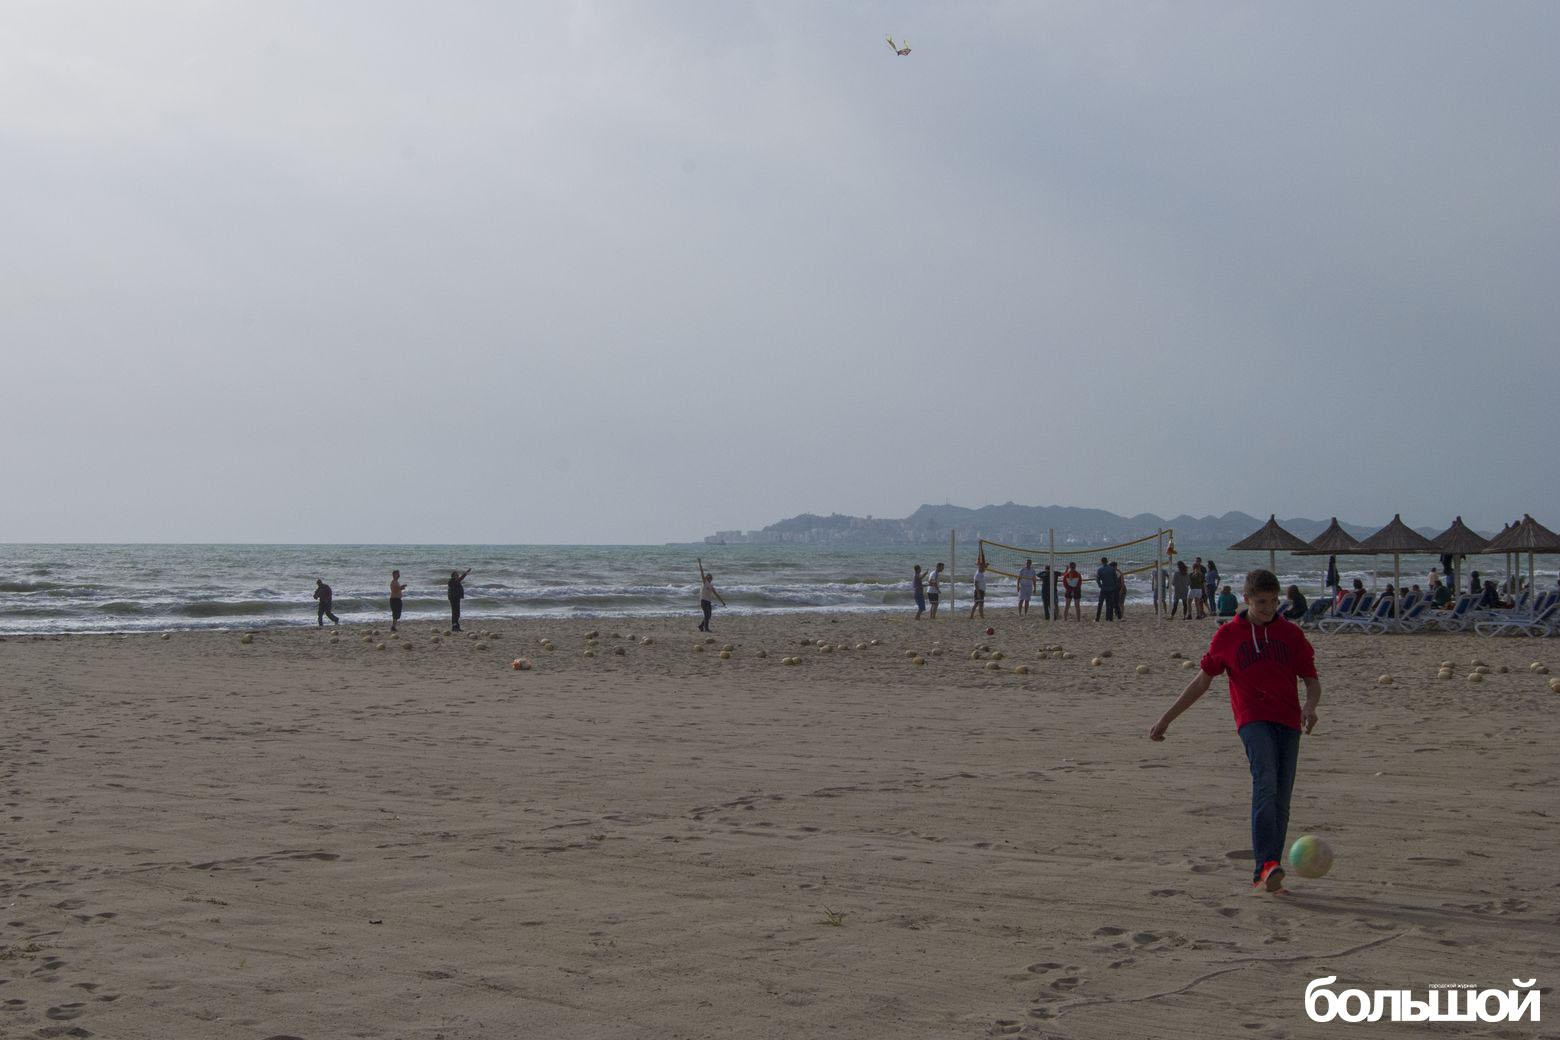 Парень бьет мяч на пляже